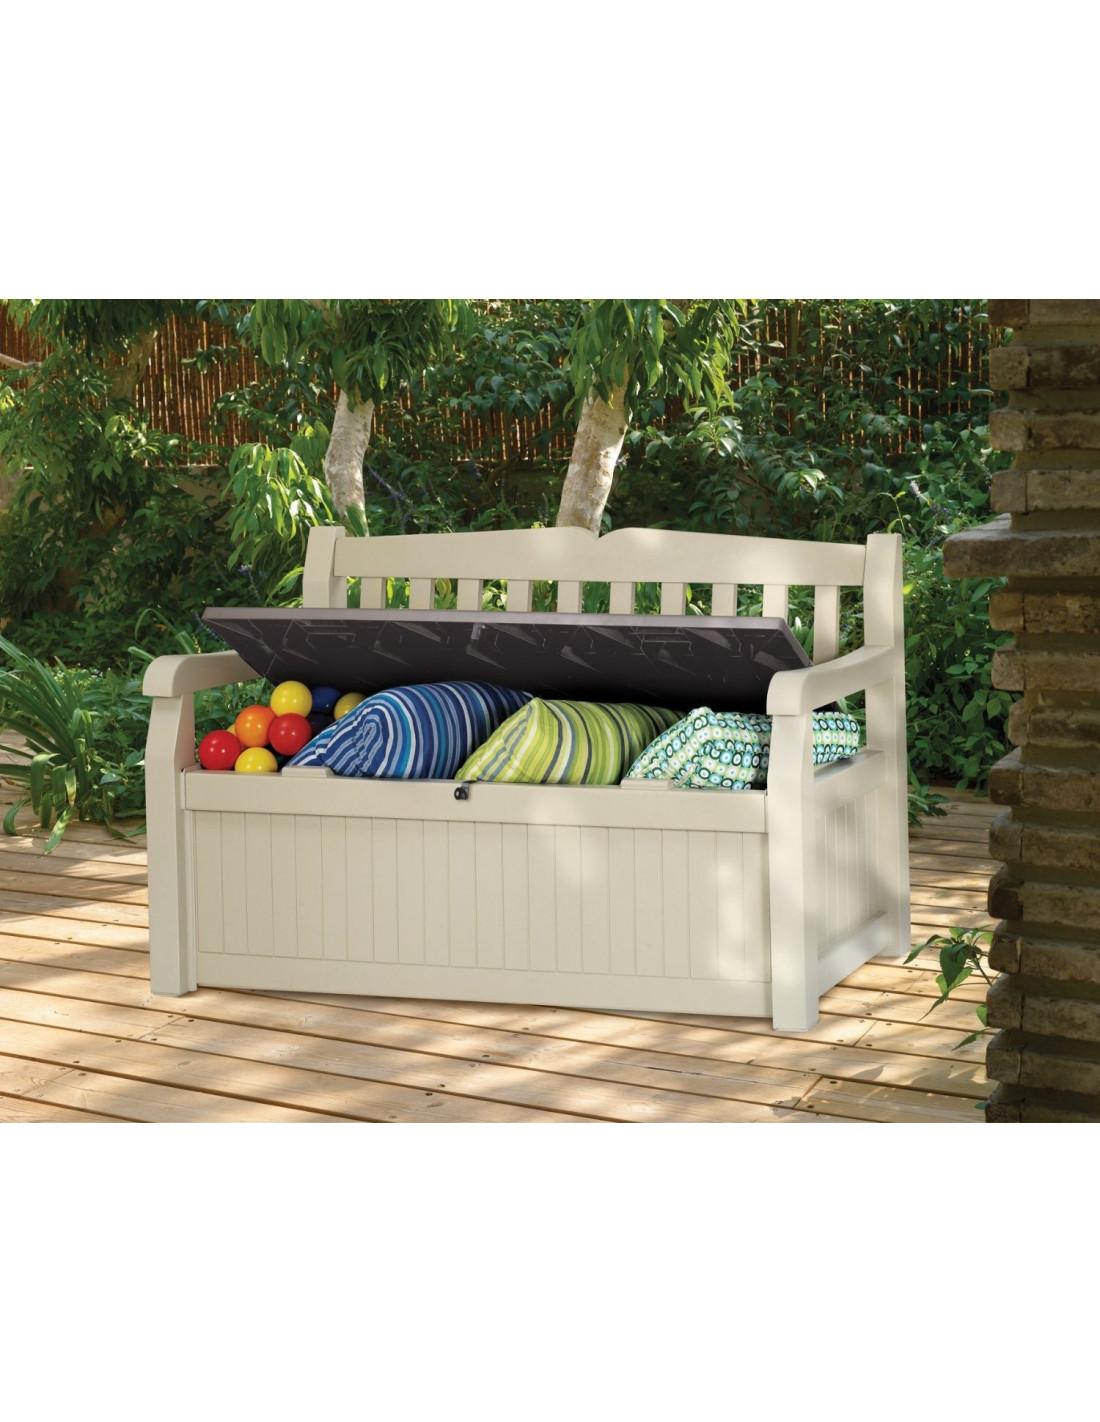 chalet jardin coffre banc pour le jardin en pvc bogota 265l 140 x 60 x 84 cm hyper brico. Black Bedroom Furniture Sets. Home Design Ideas